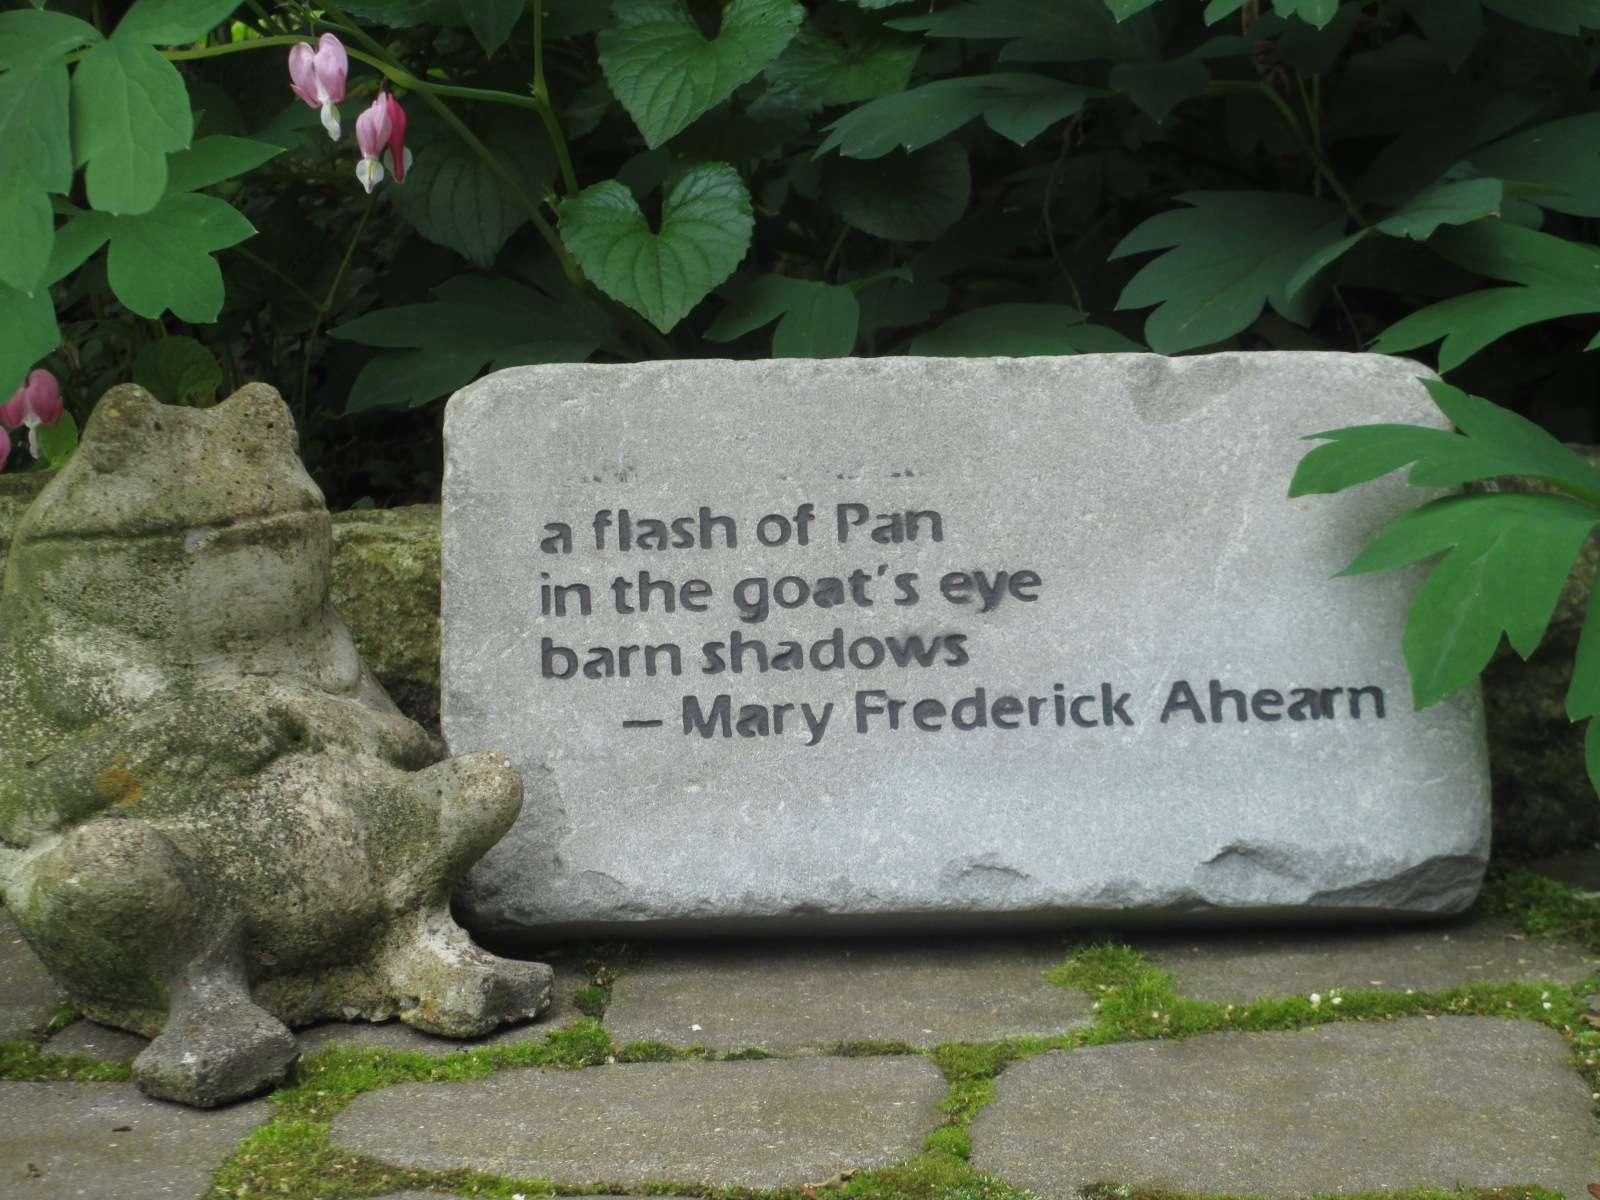 Mary Frederick Ahearn, USA